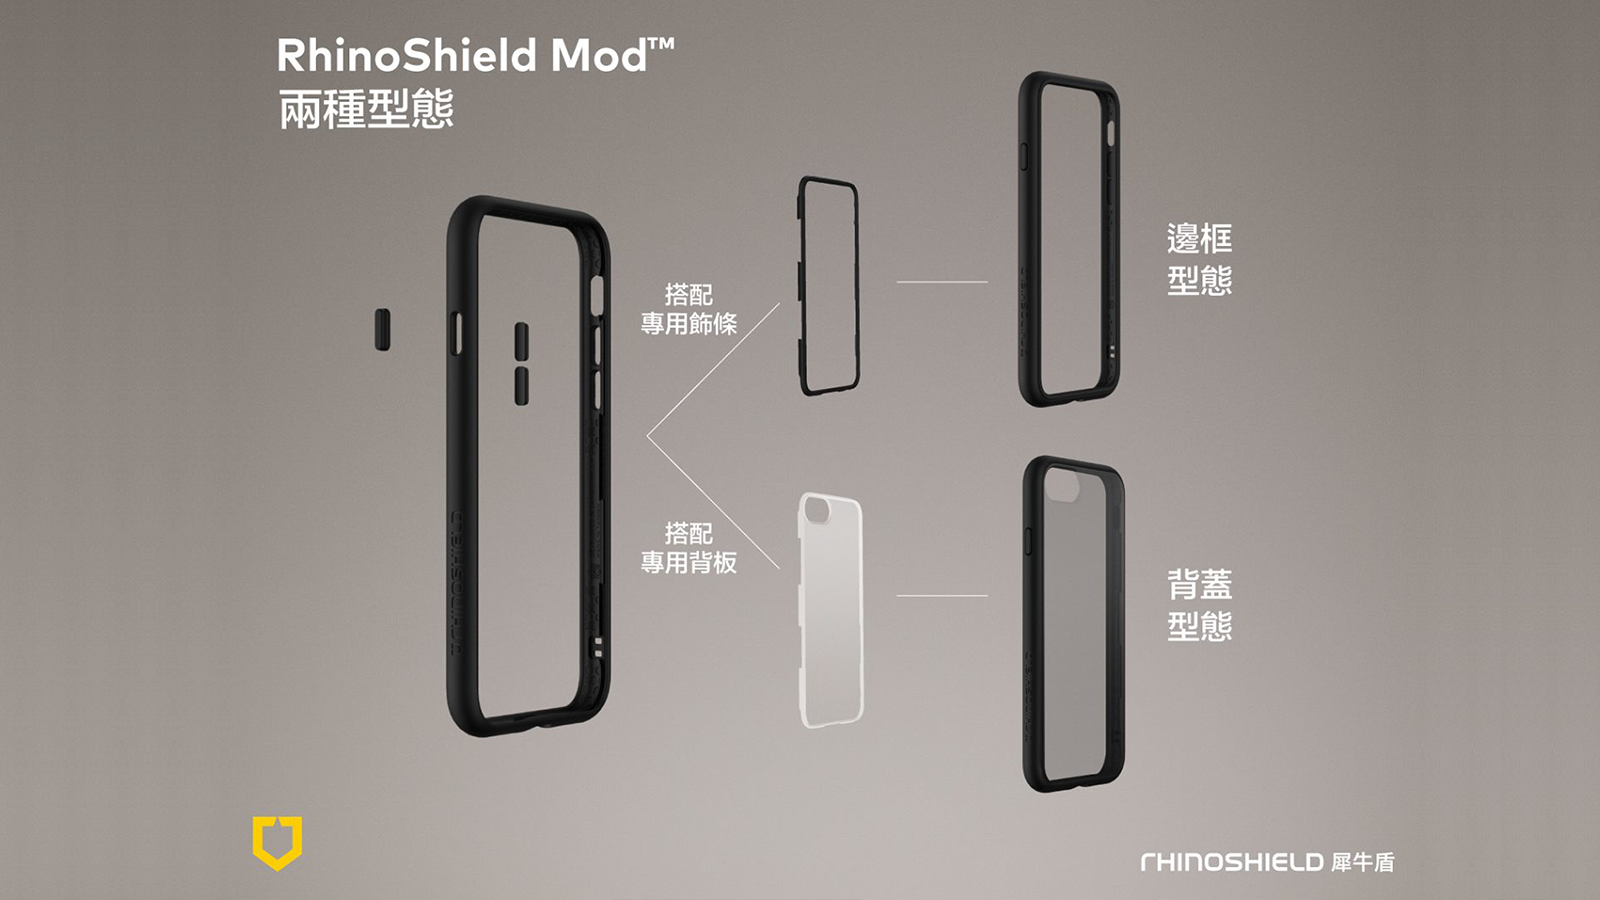 邊框+保護殻隨時互換  Rhino Shield MOD 機殼專攻保護玻璃背